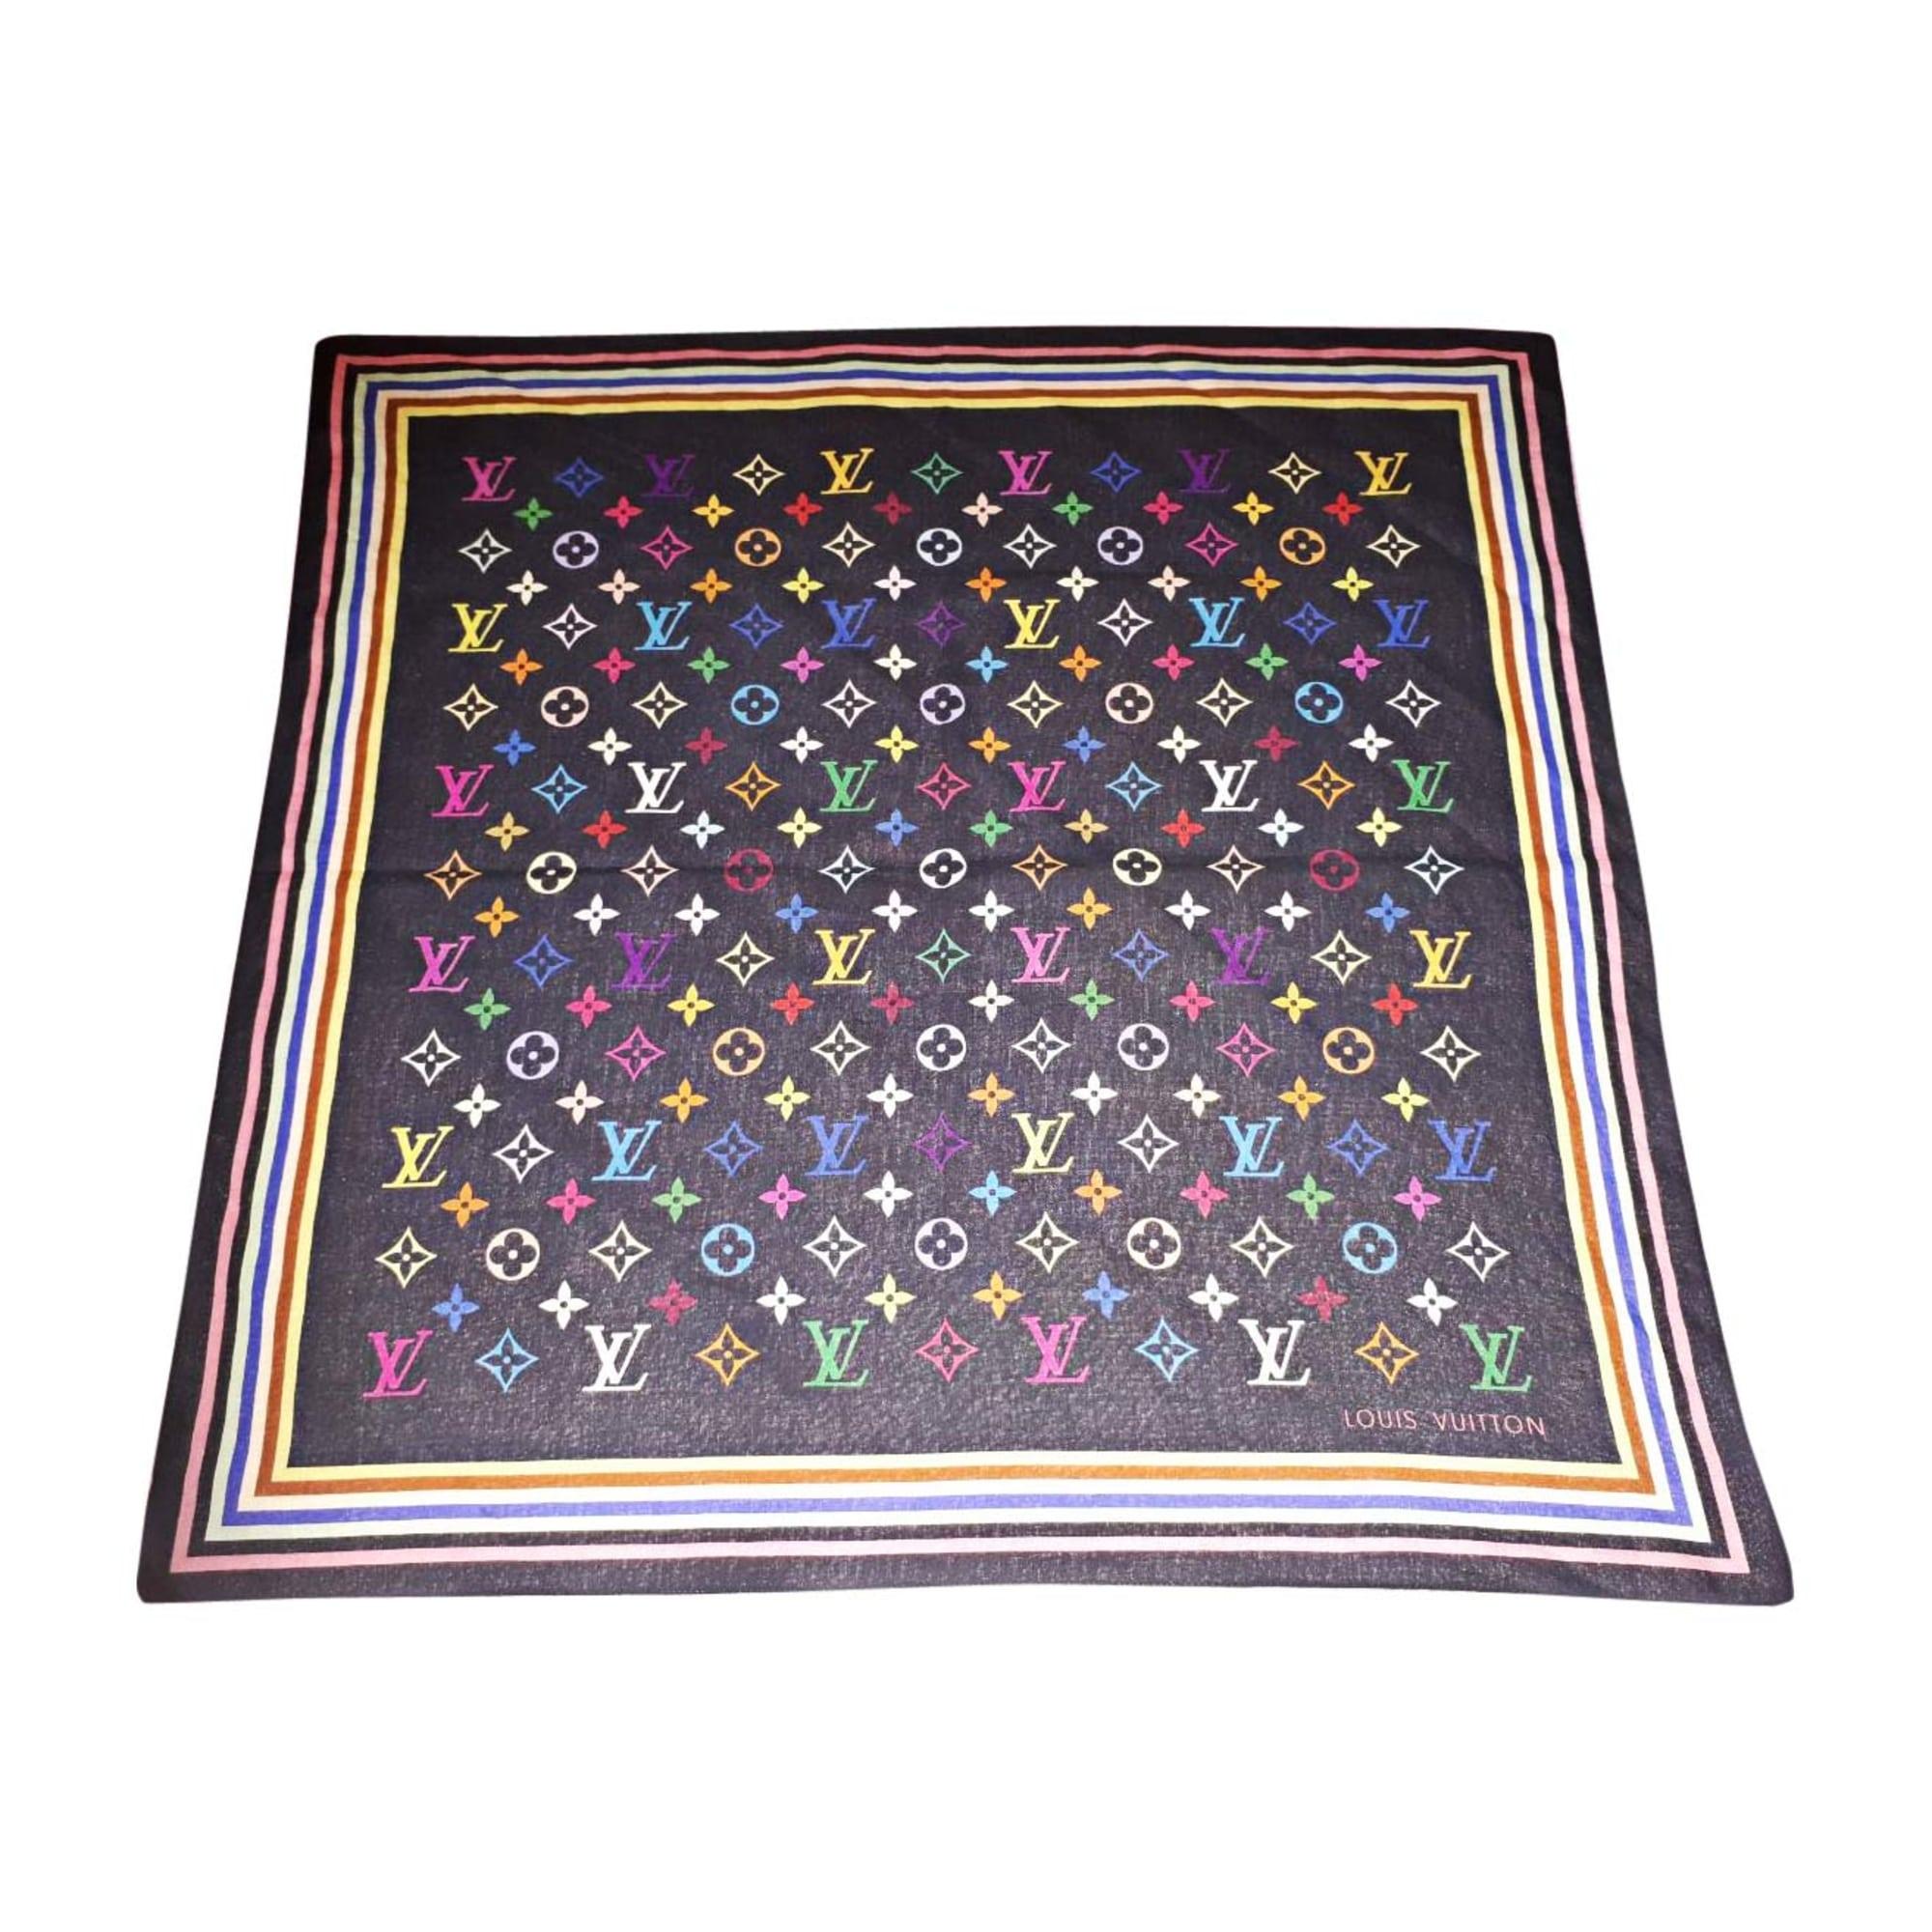 Foulard LOUIS VUITTON multicouleur vendu par Rock.glam.love - 7891318 2ed2371137e